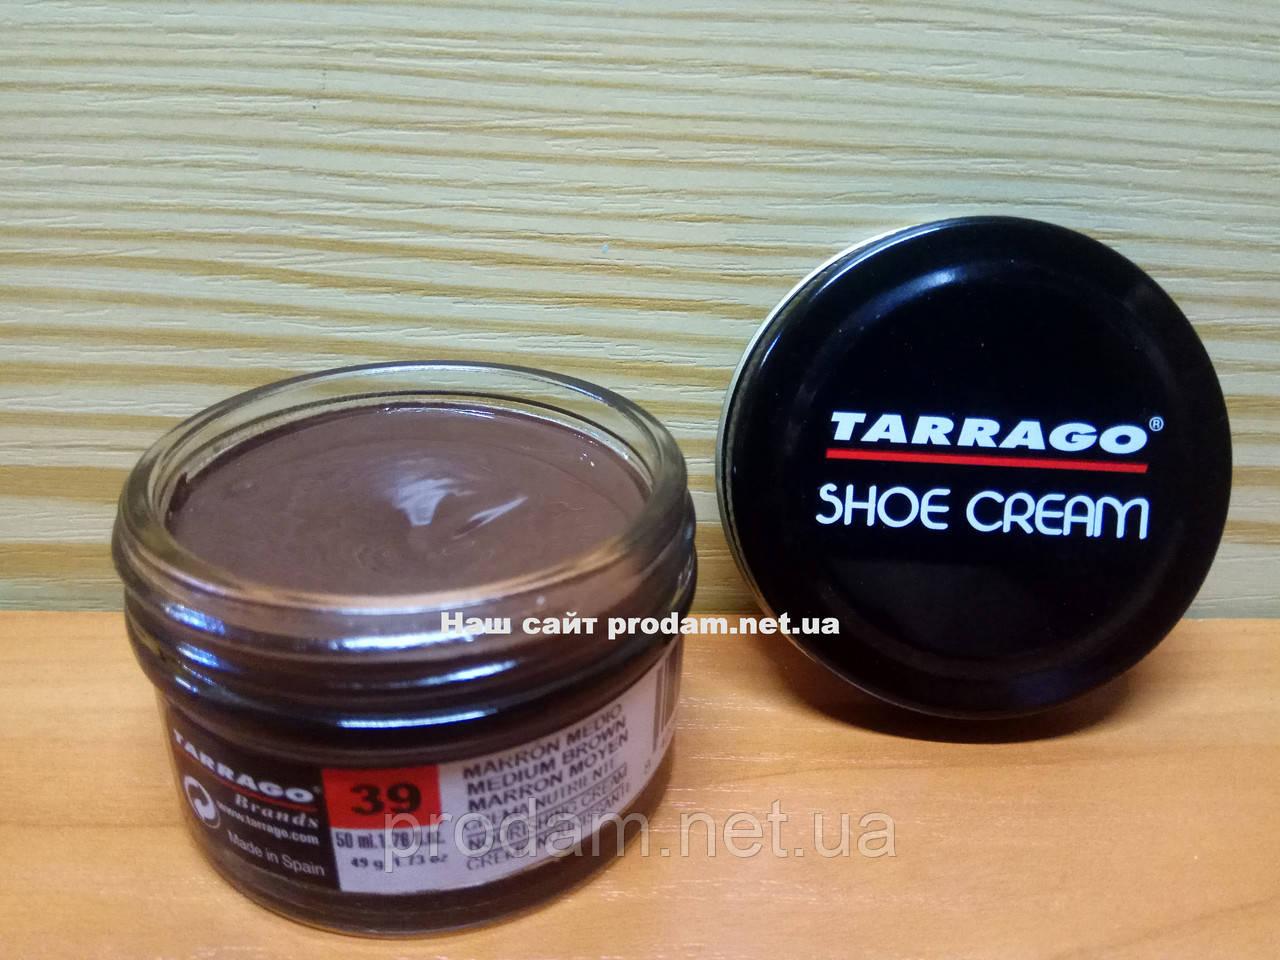 Крем для обуви Tarrago № 039-medium brown